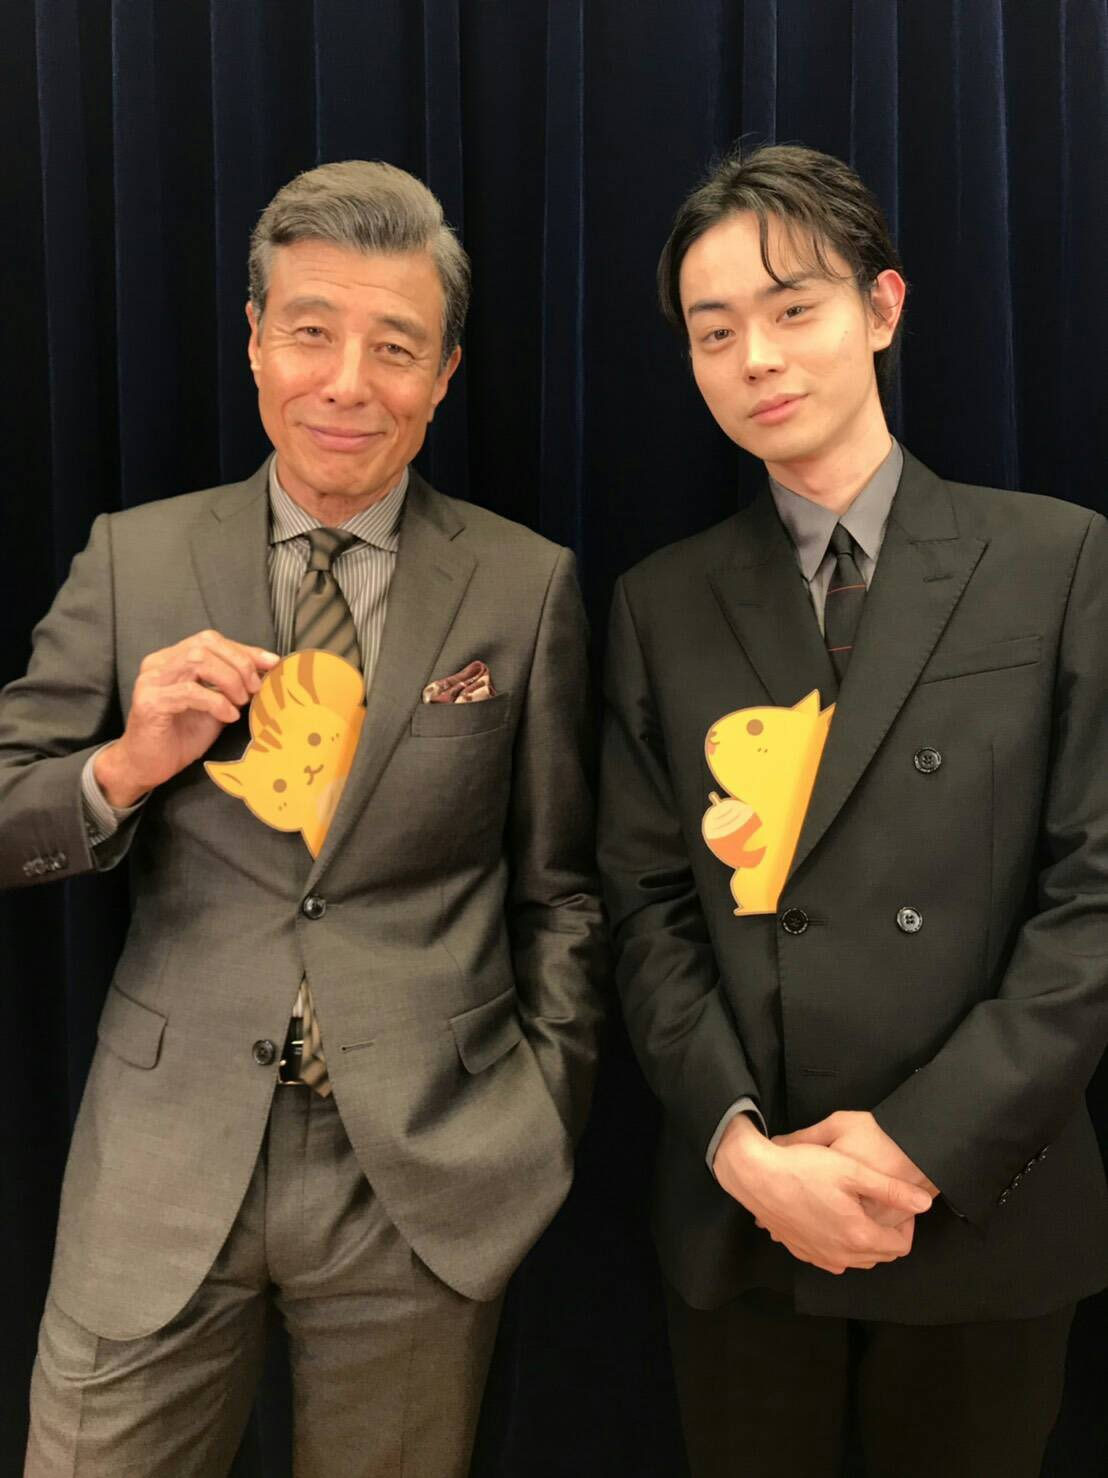 日本テレビ スッキリ on Twitter